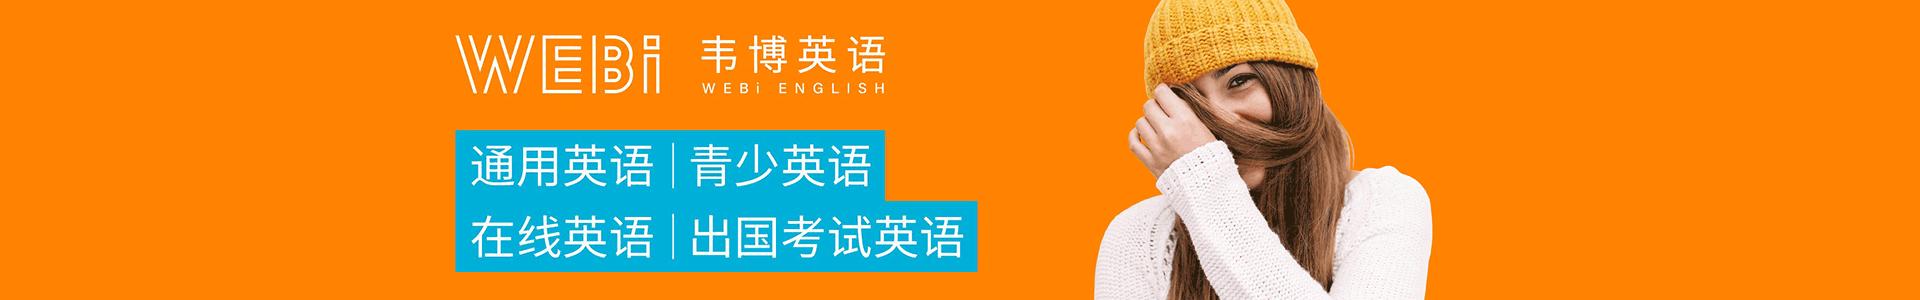 佛山韦博国际英语培训学校